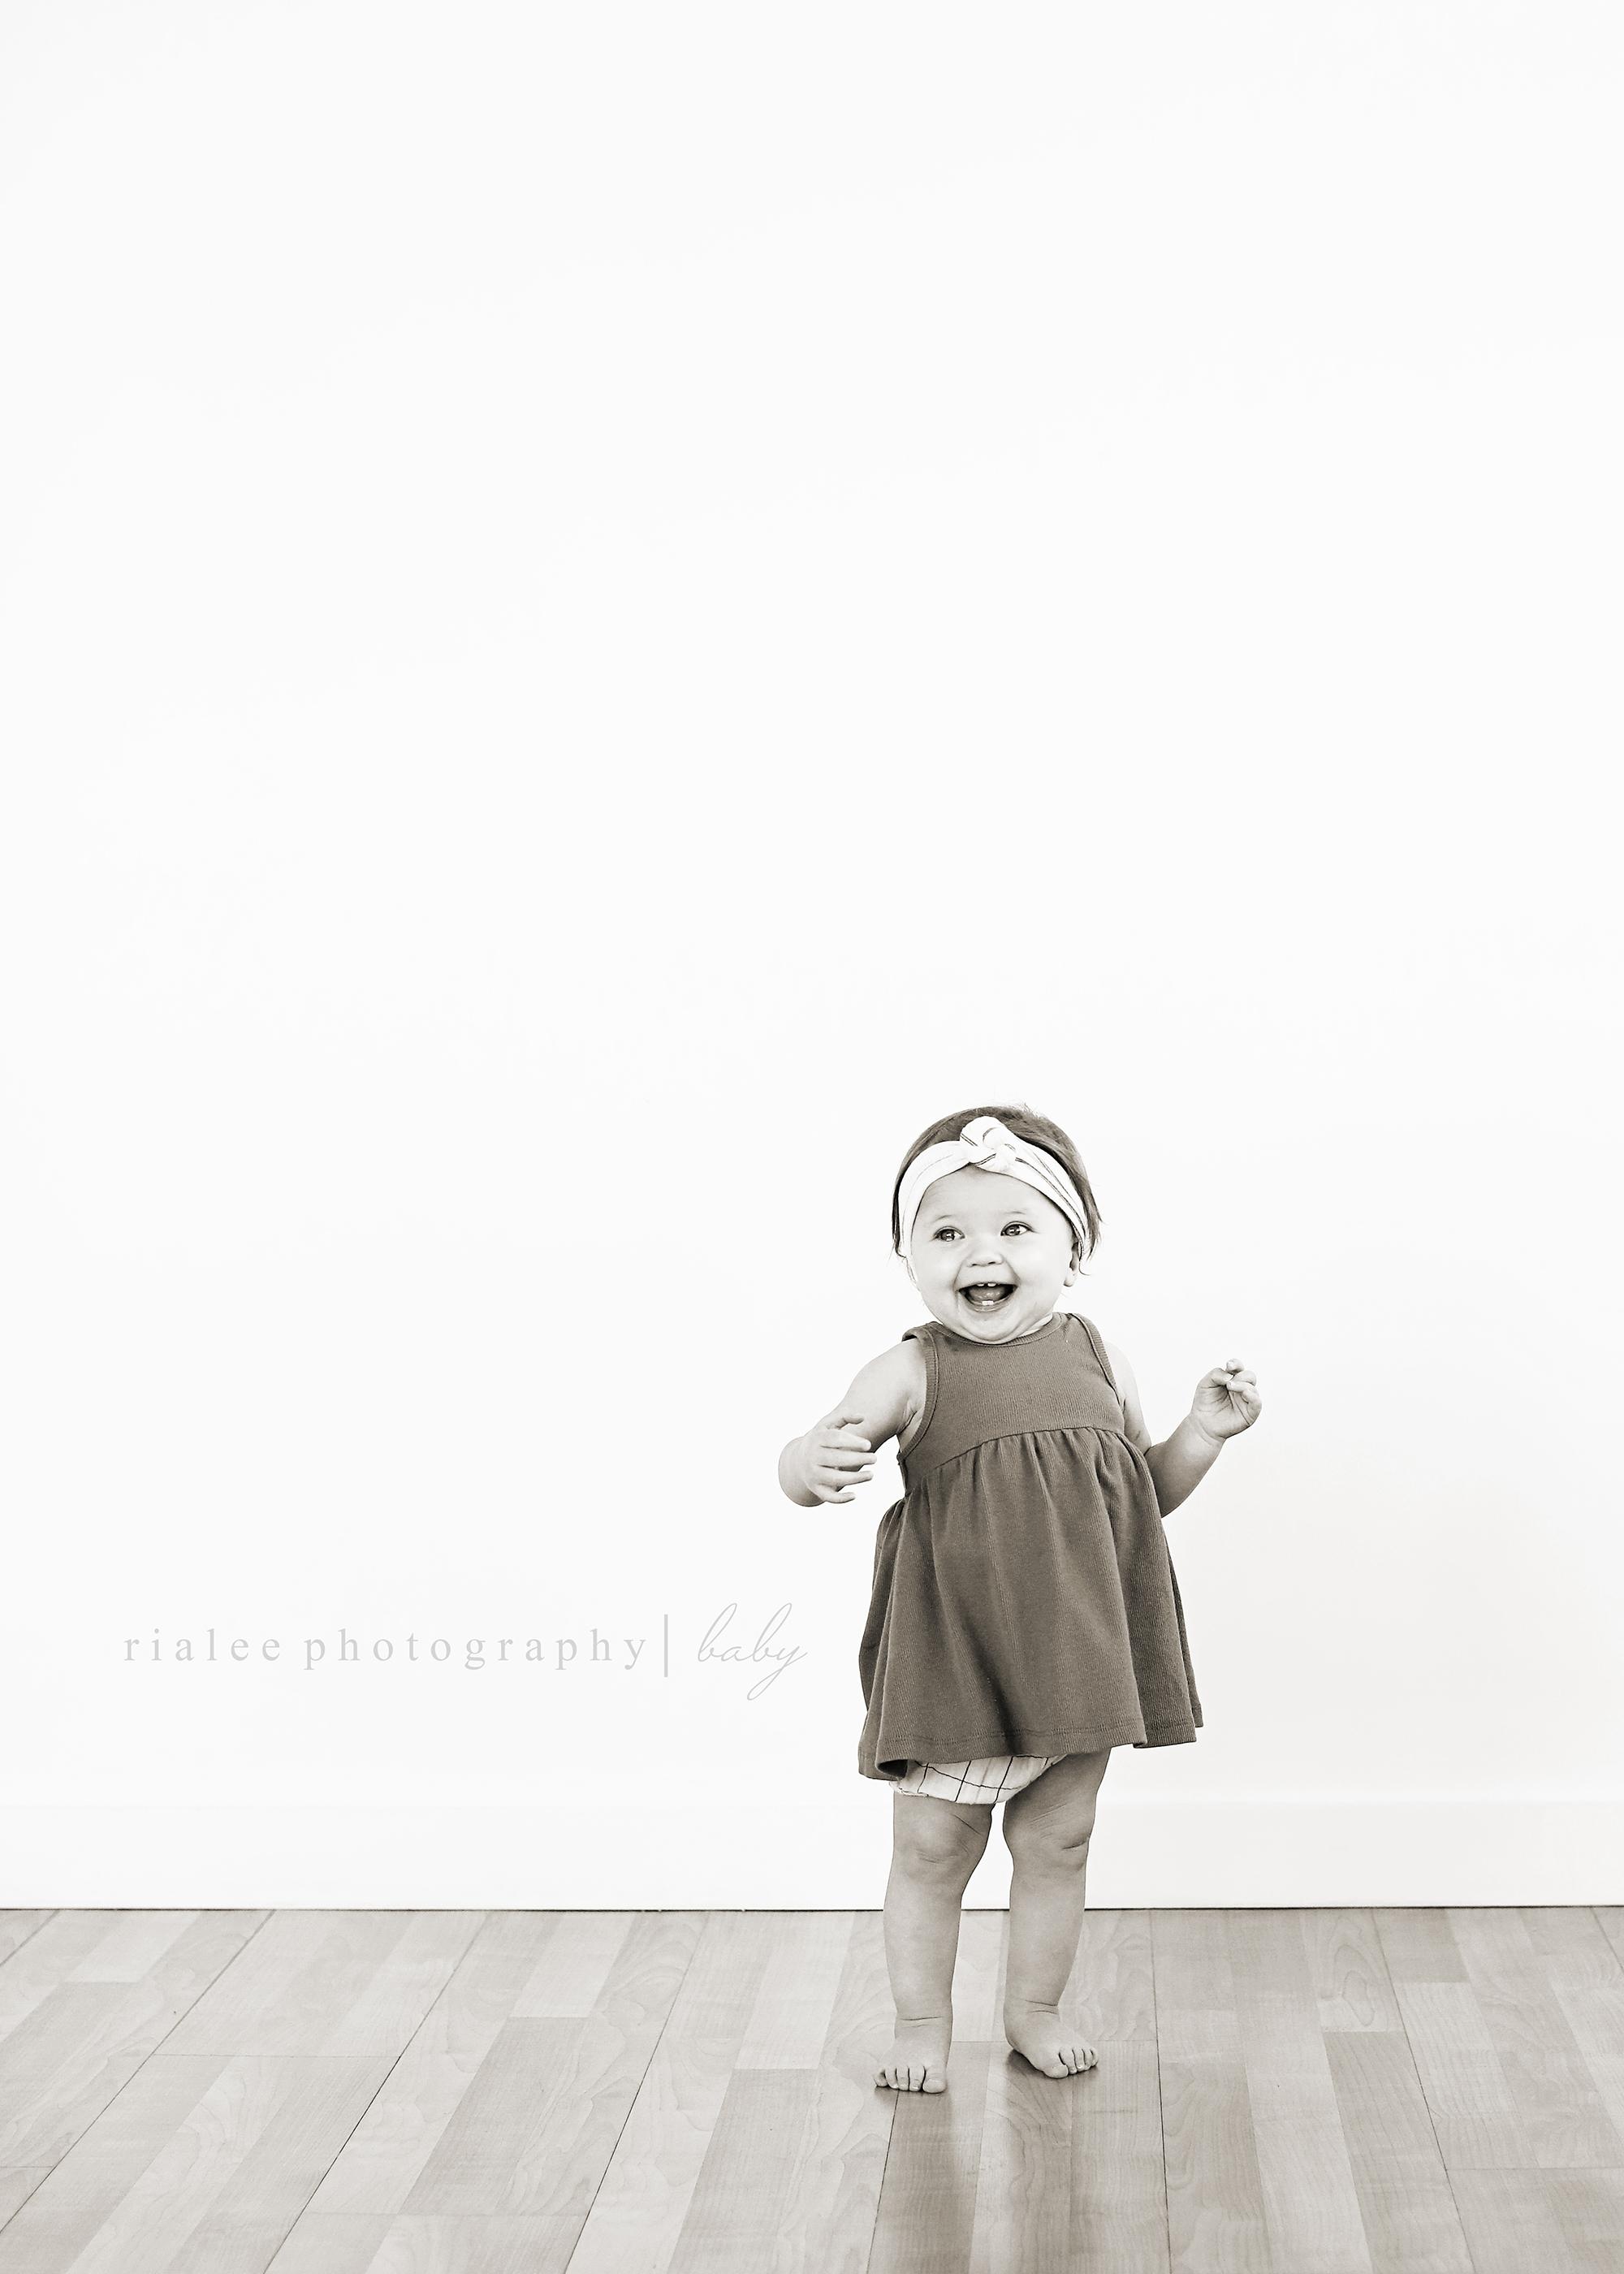 modernchildrensphotographersnd.jpg